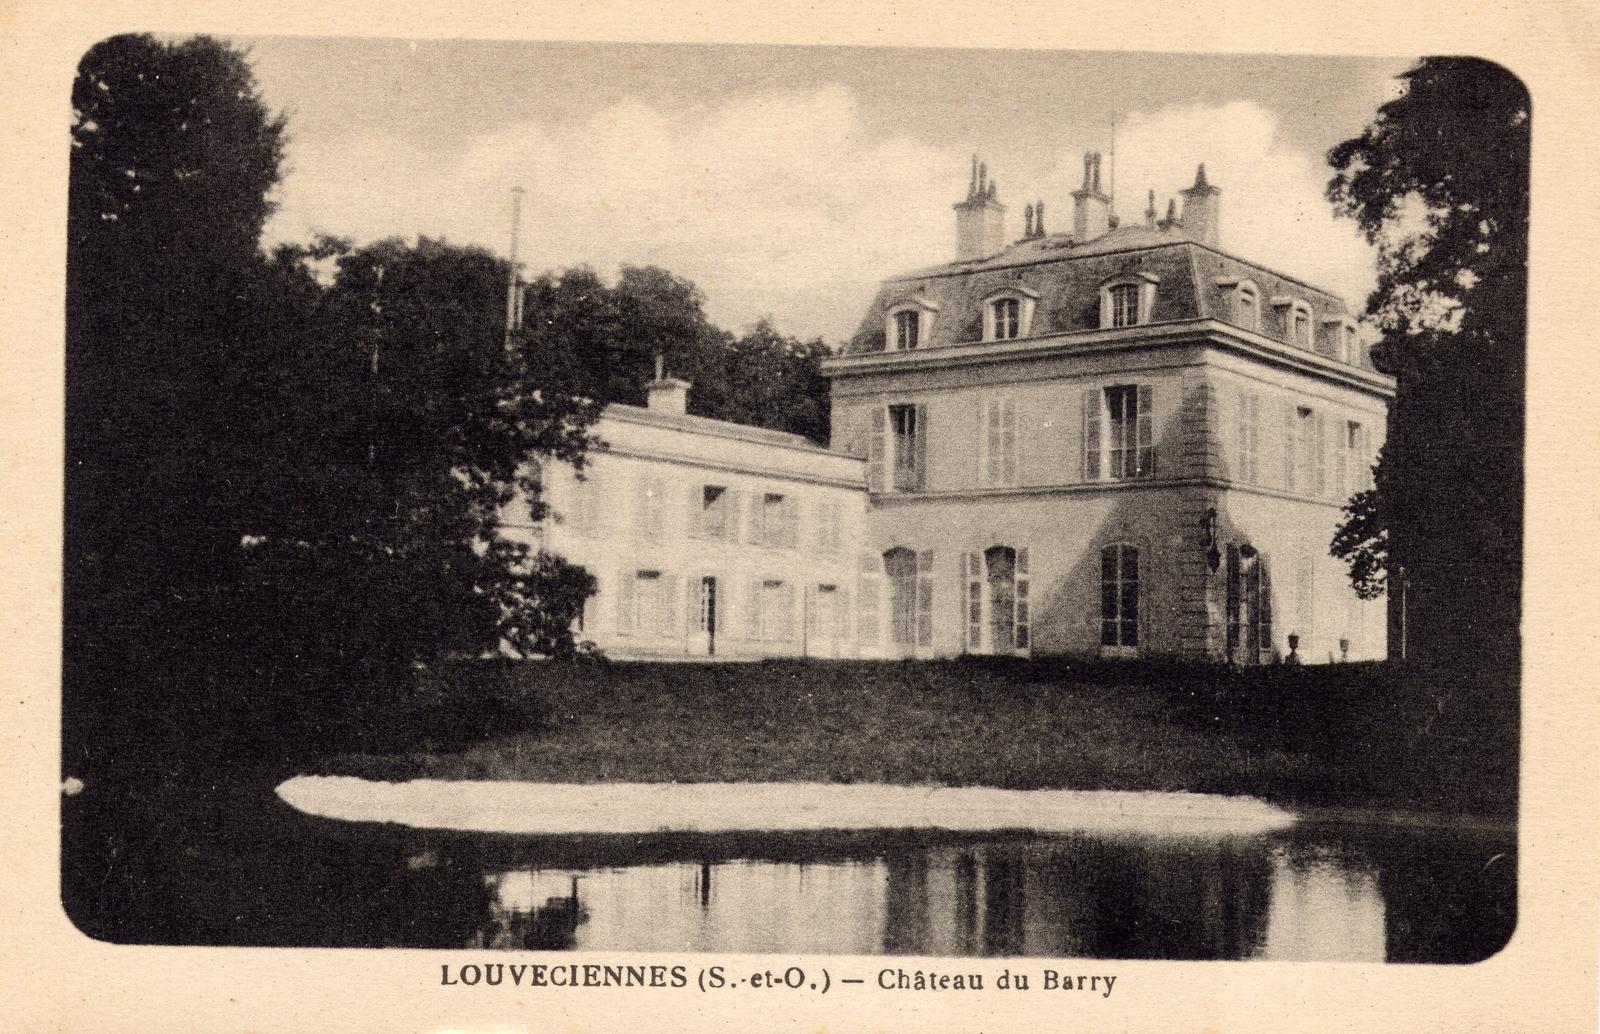 Louveciennes -  CHÂTEAU DU BARRY : Ancienne résidence d'Arnold de Ville, ingénieur de la machine hydraulique de Marly. La propriété, sous le règne de Louis XV fut offerte à Mme du Barry en...